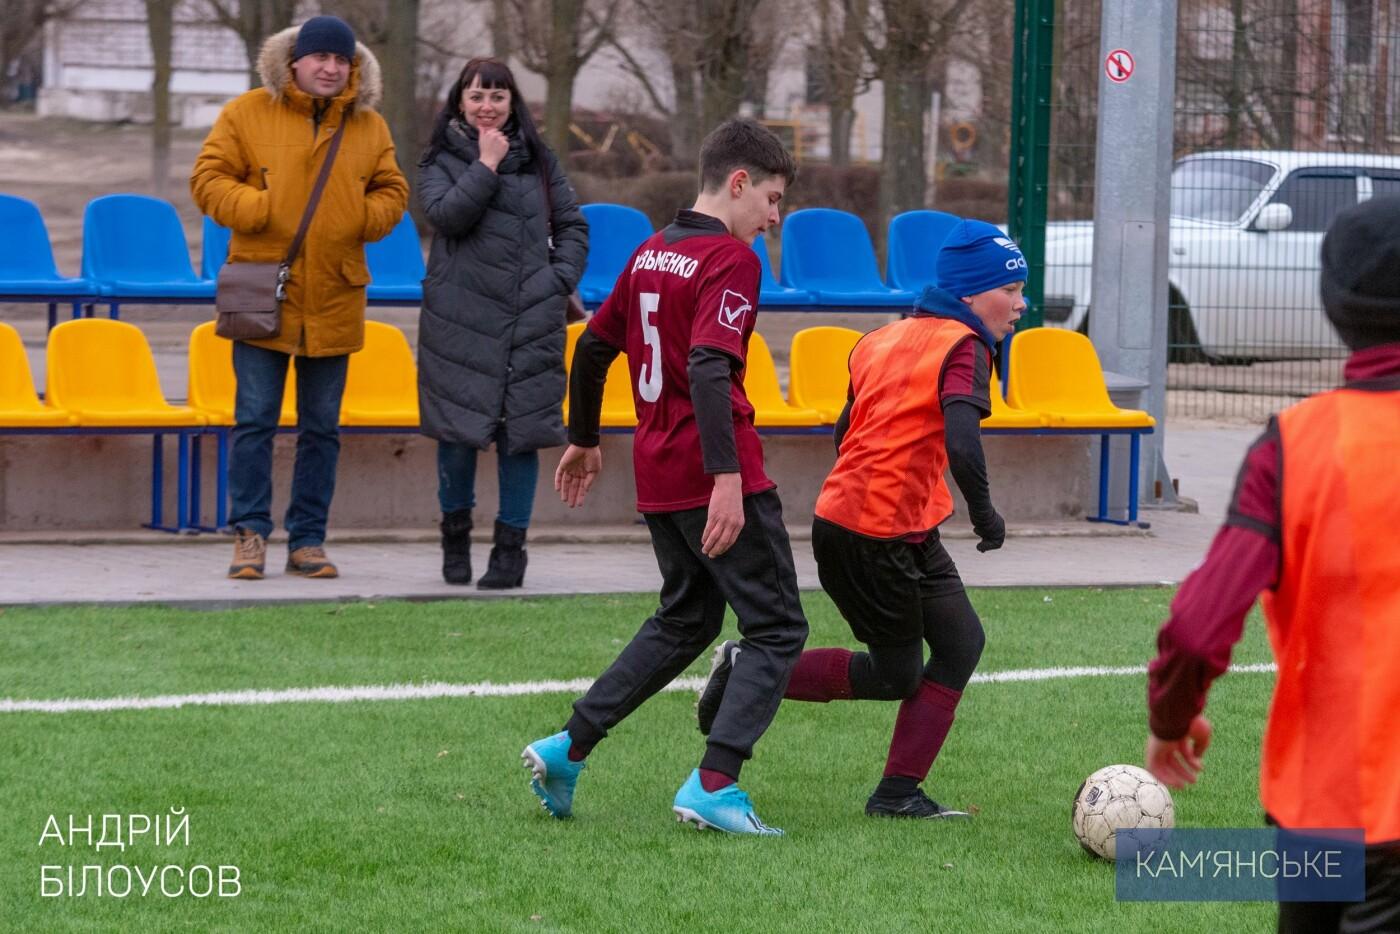 Мэр Каменского поздравил футбольную команду «Надія-Nova», фото-1